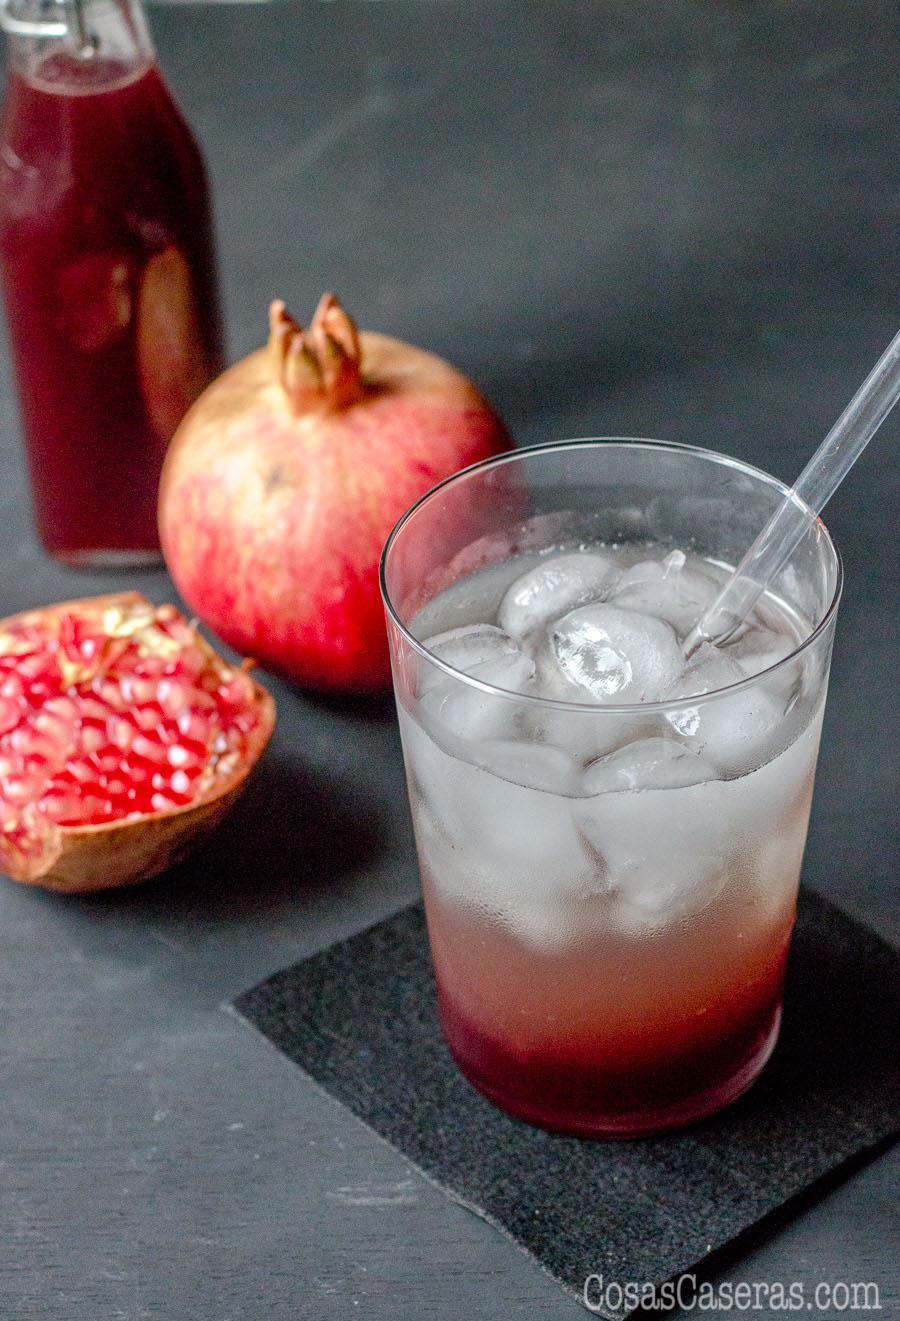 Es fácil hacer granadina casera usando o granadas frescas o zumo de granada. Impresiona a tus amigos con un cóctel fino hecho con granadina casera, libre de los colores y sabores artificiales que le meten a la granadina que se vende.